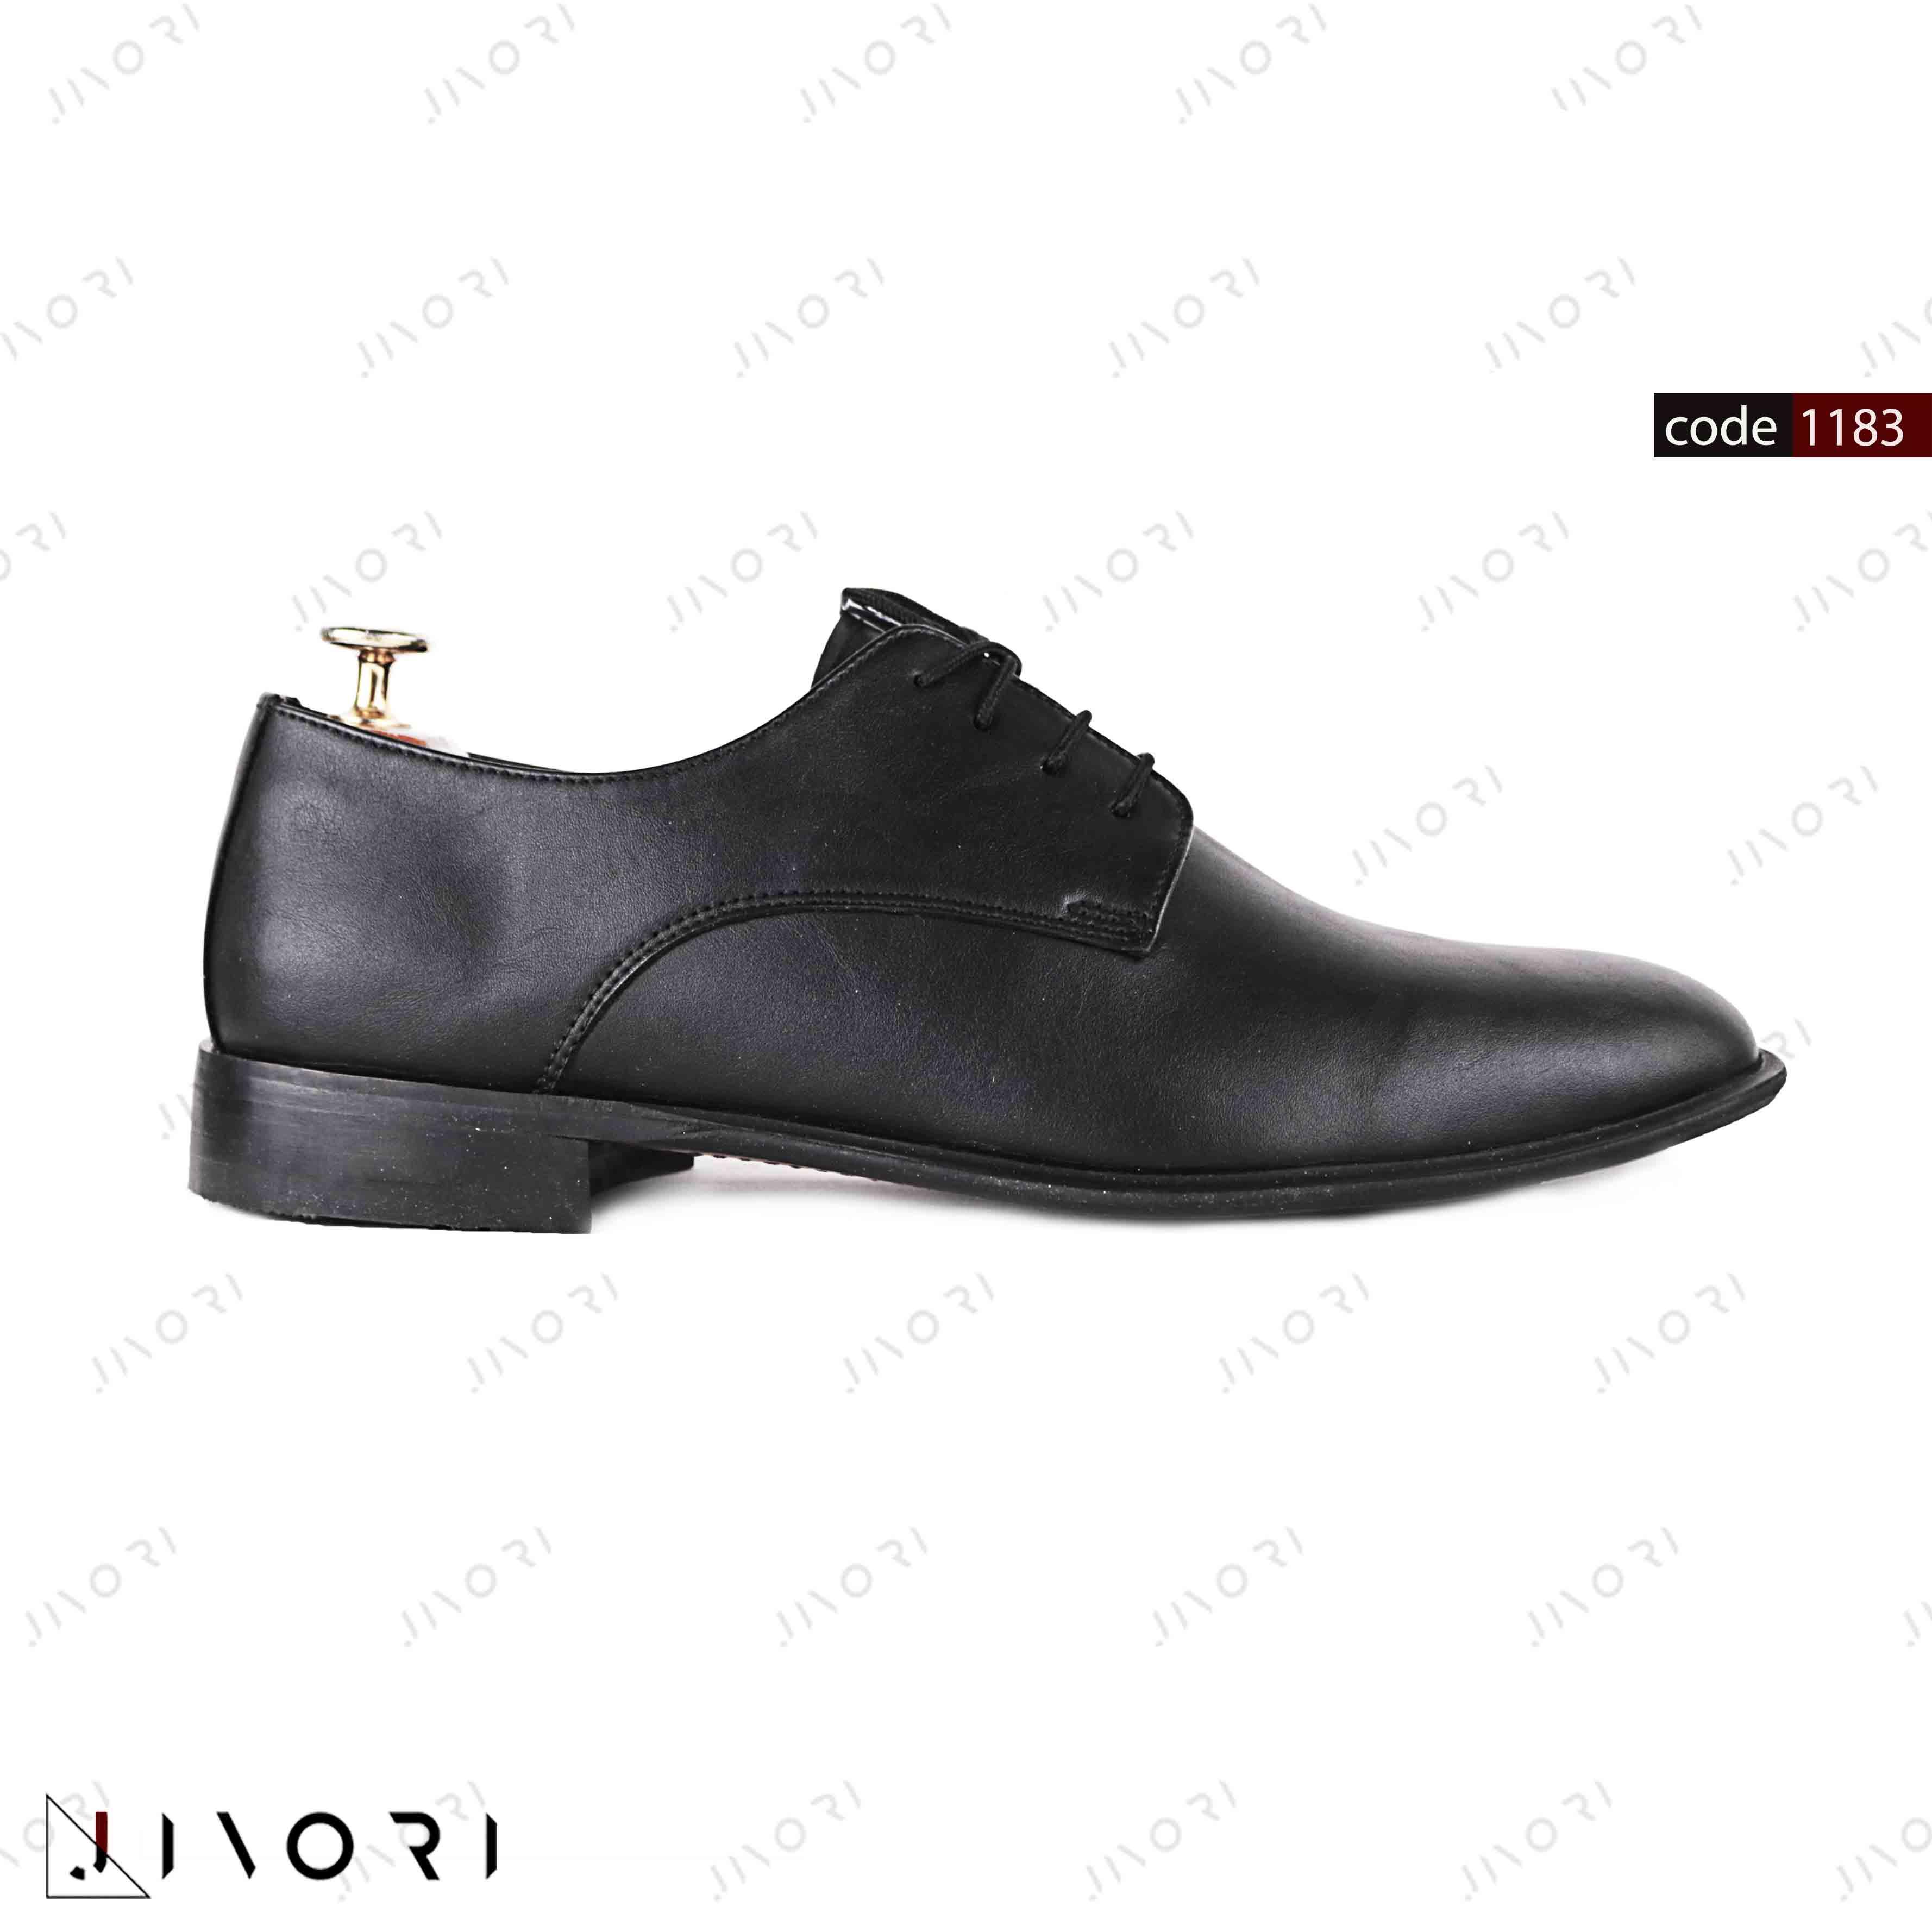 کفش بندی ساده کلاسیک  (1183)